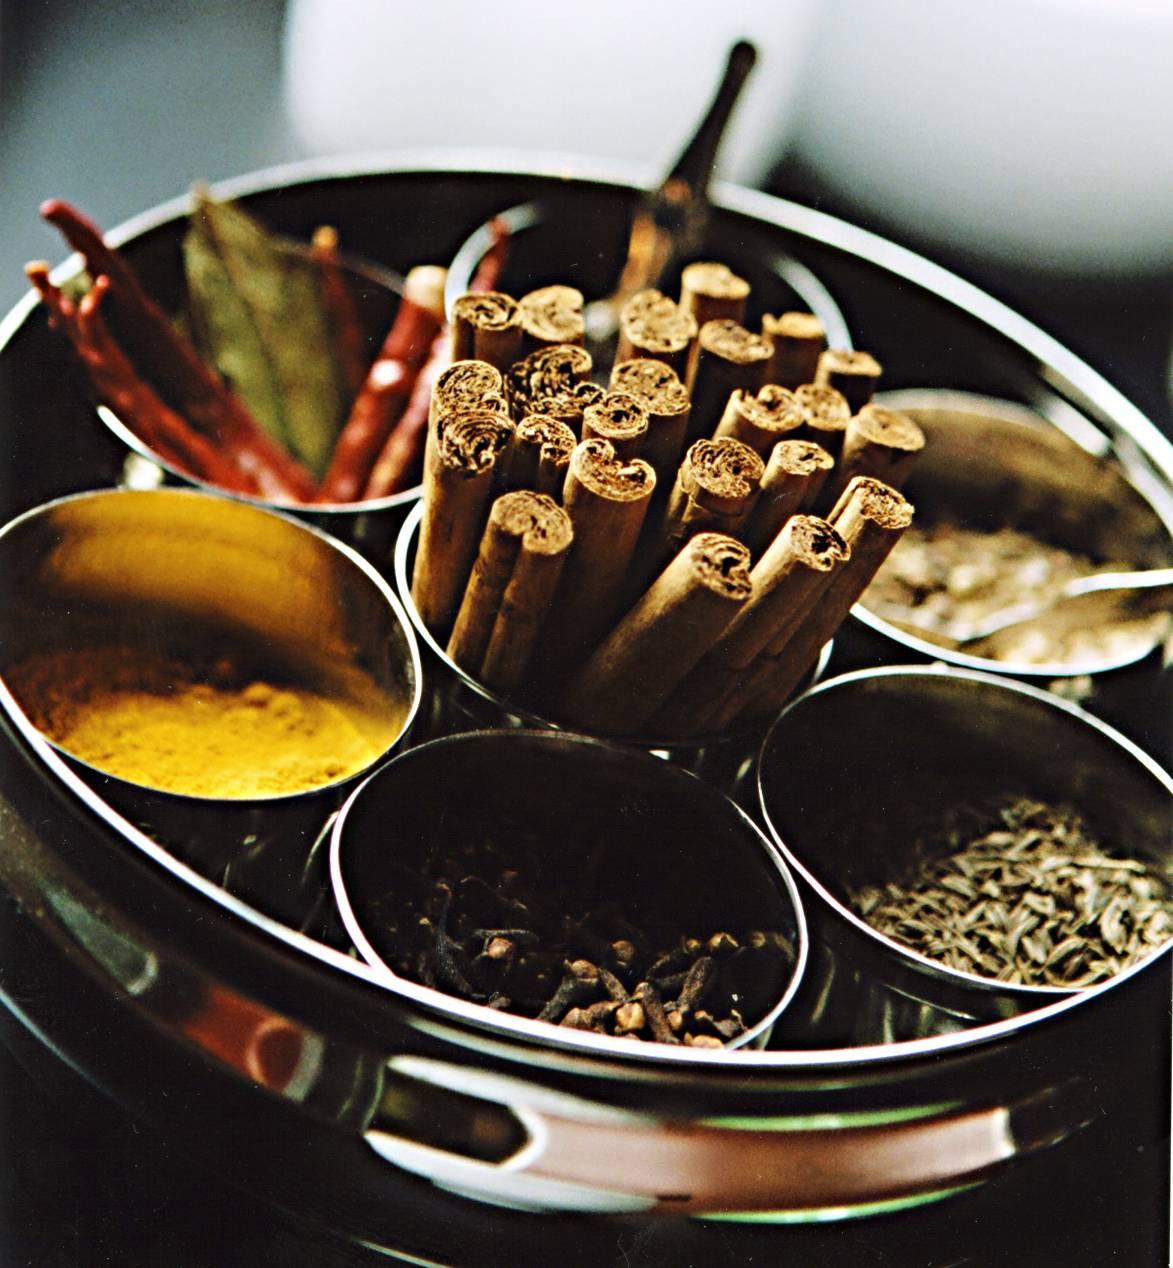 Топ 5 совершенных специй, способных улучшить аромат кофе